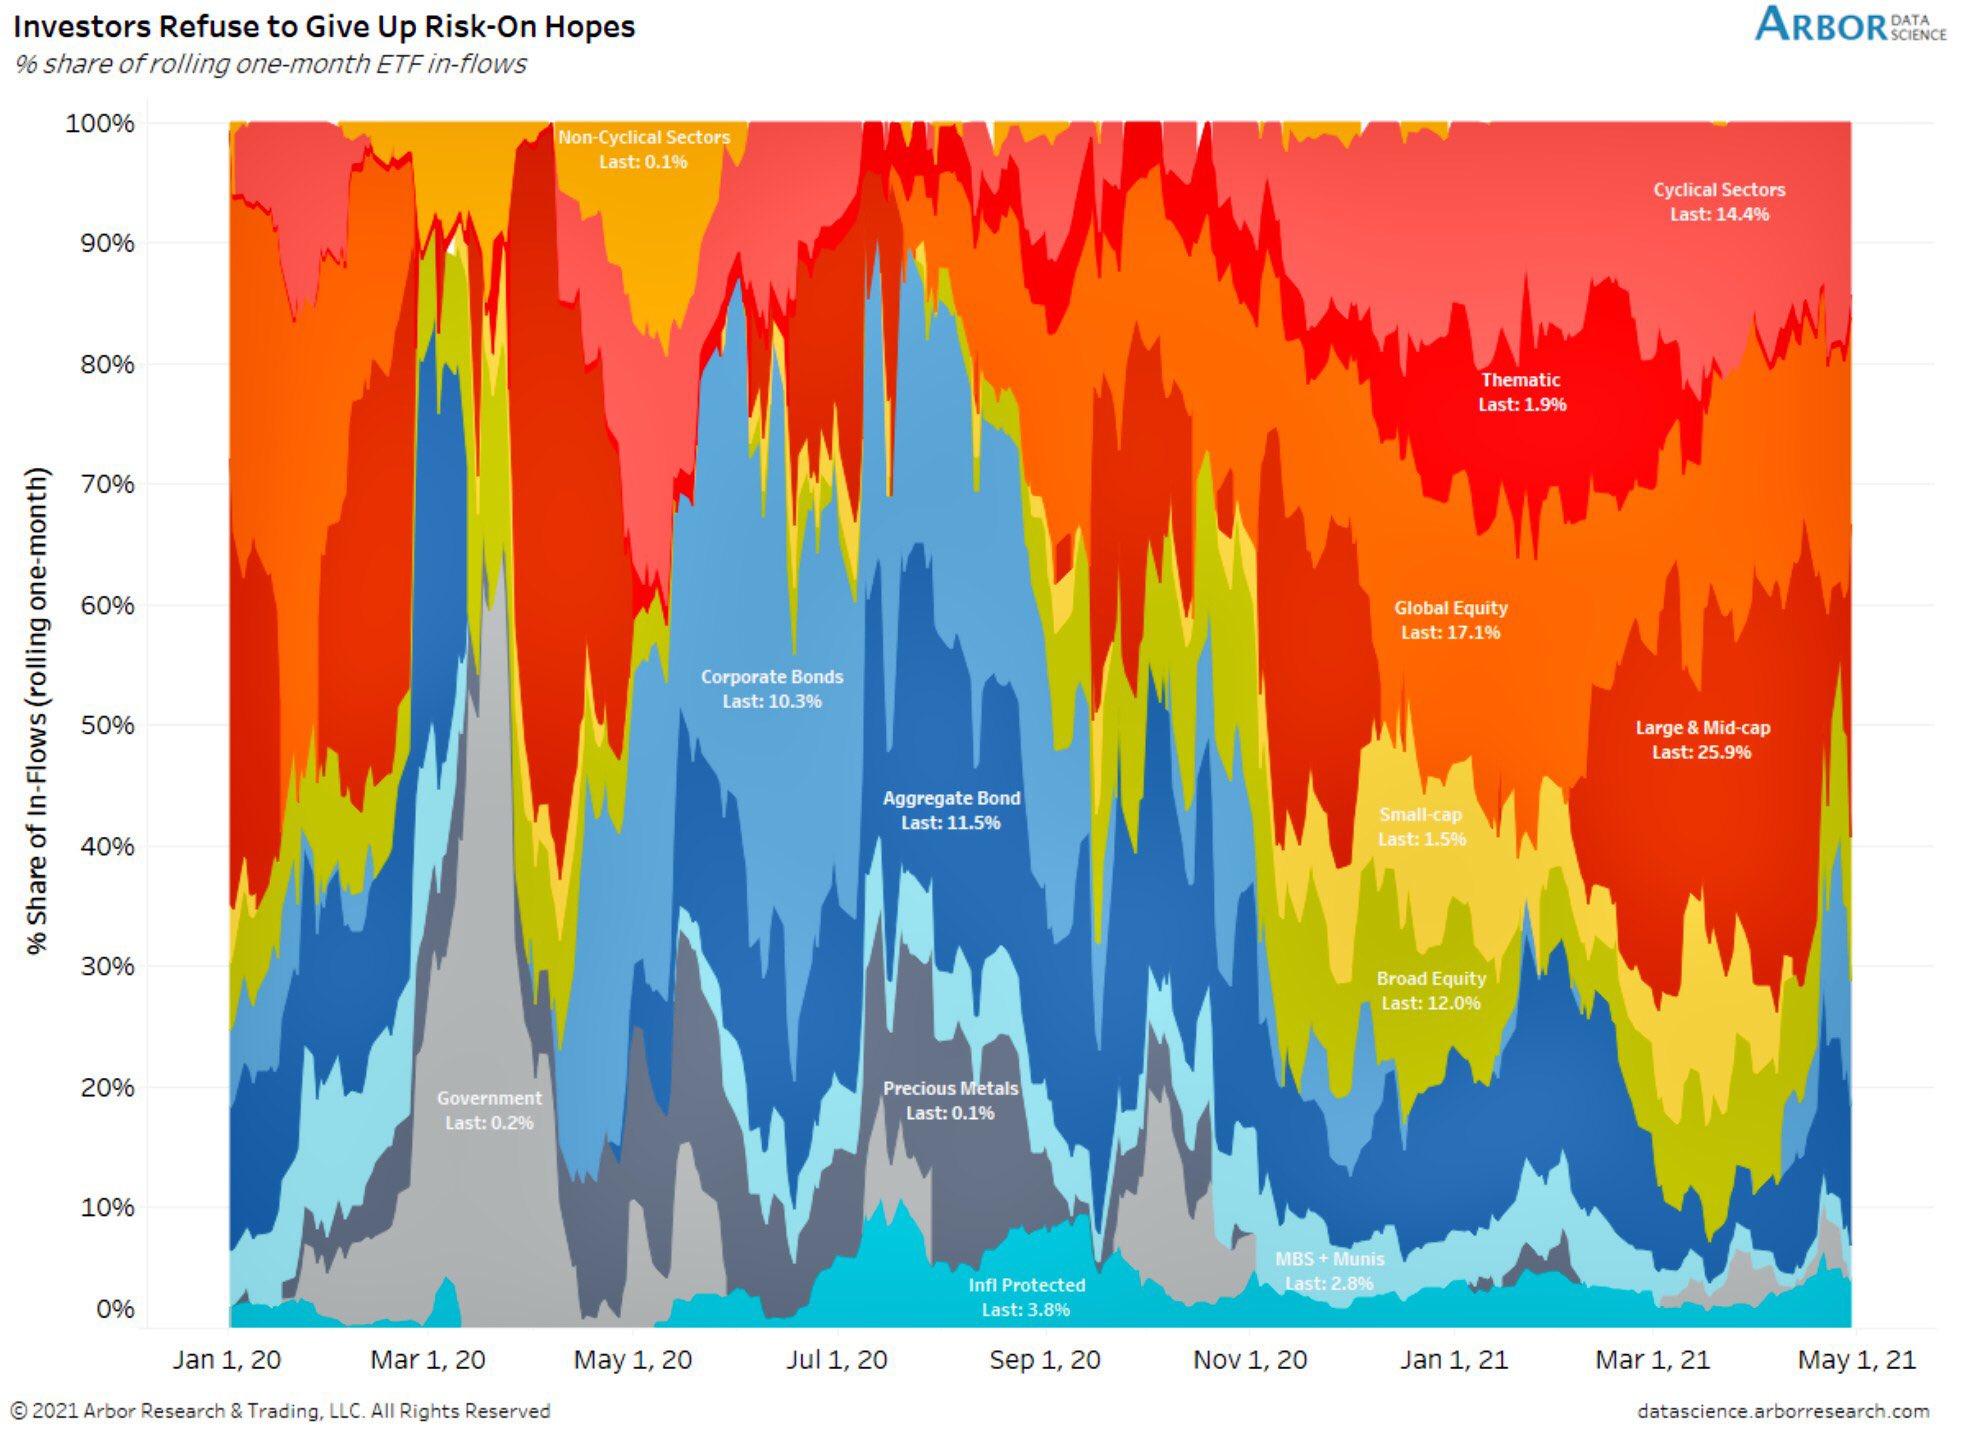 Equities back in trend regarding ETF inflows